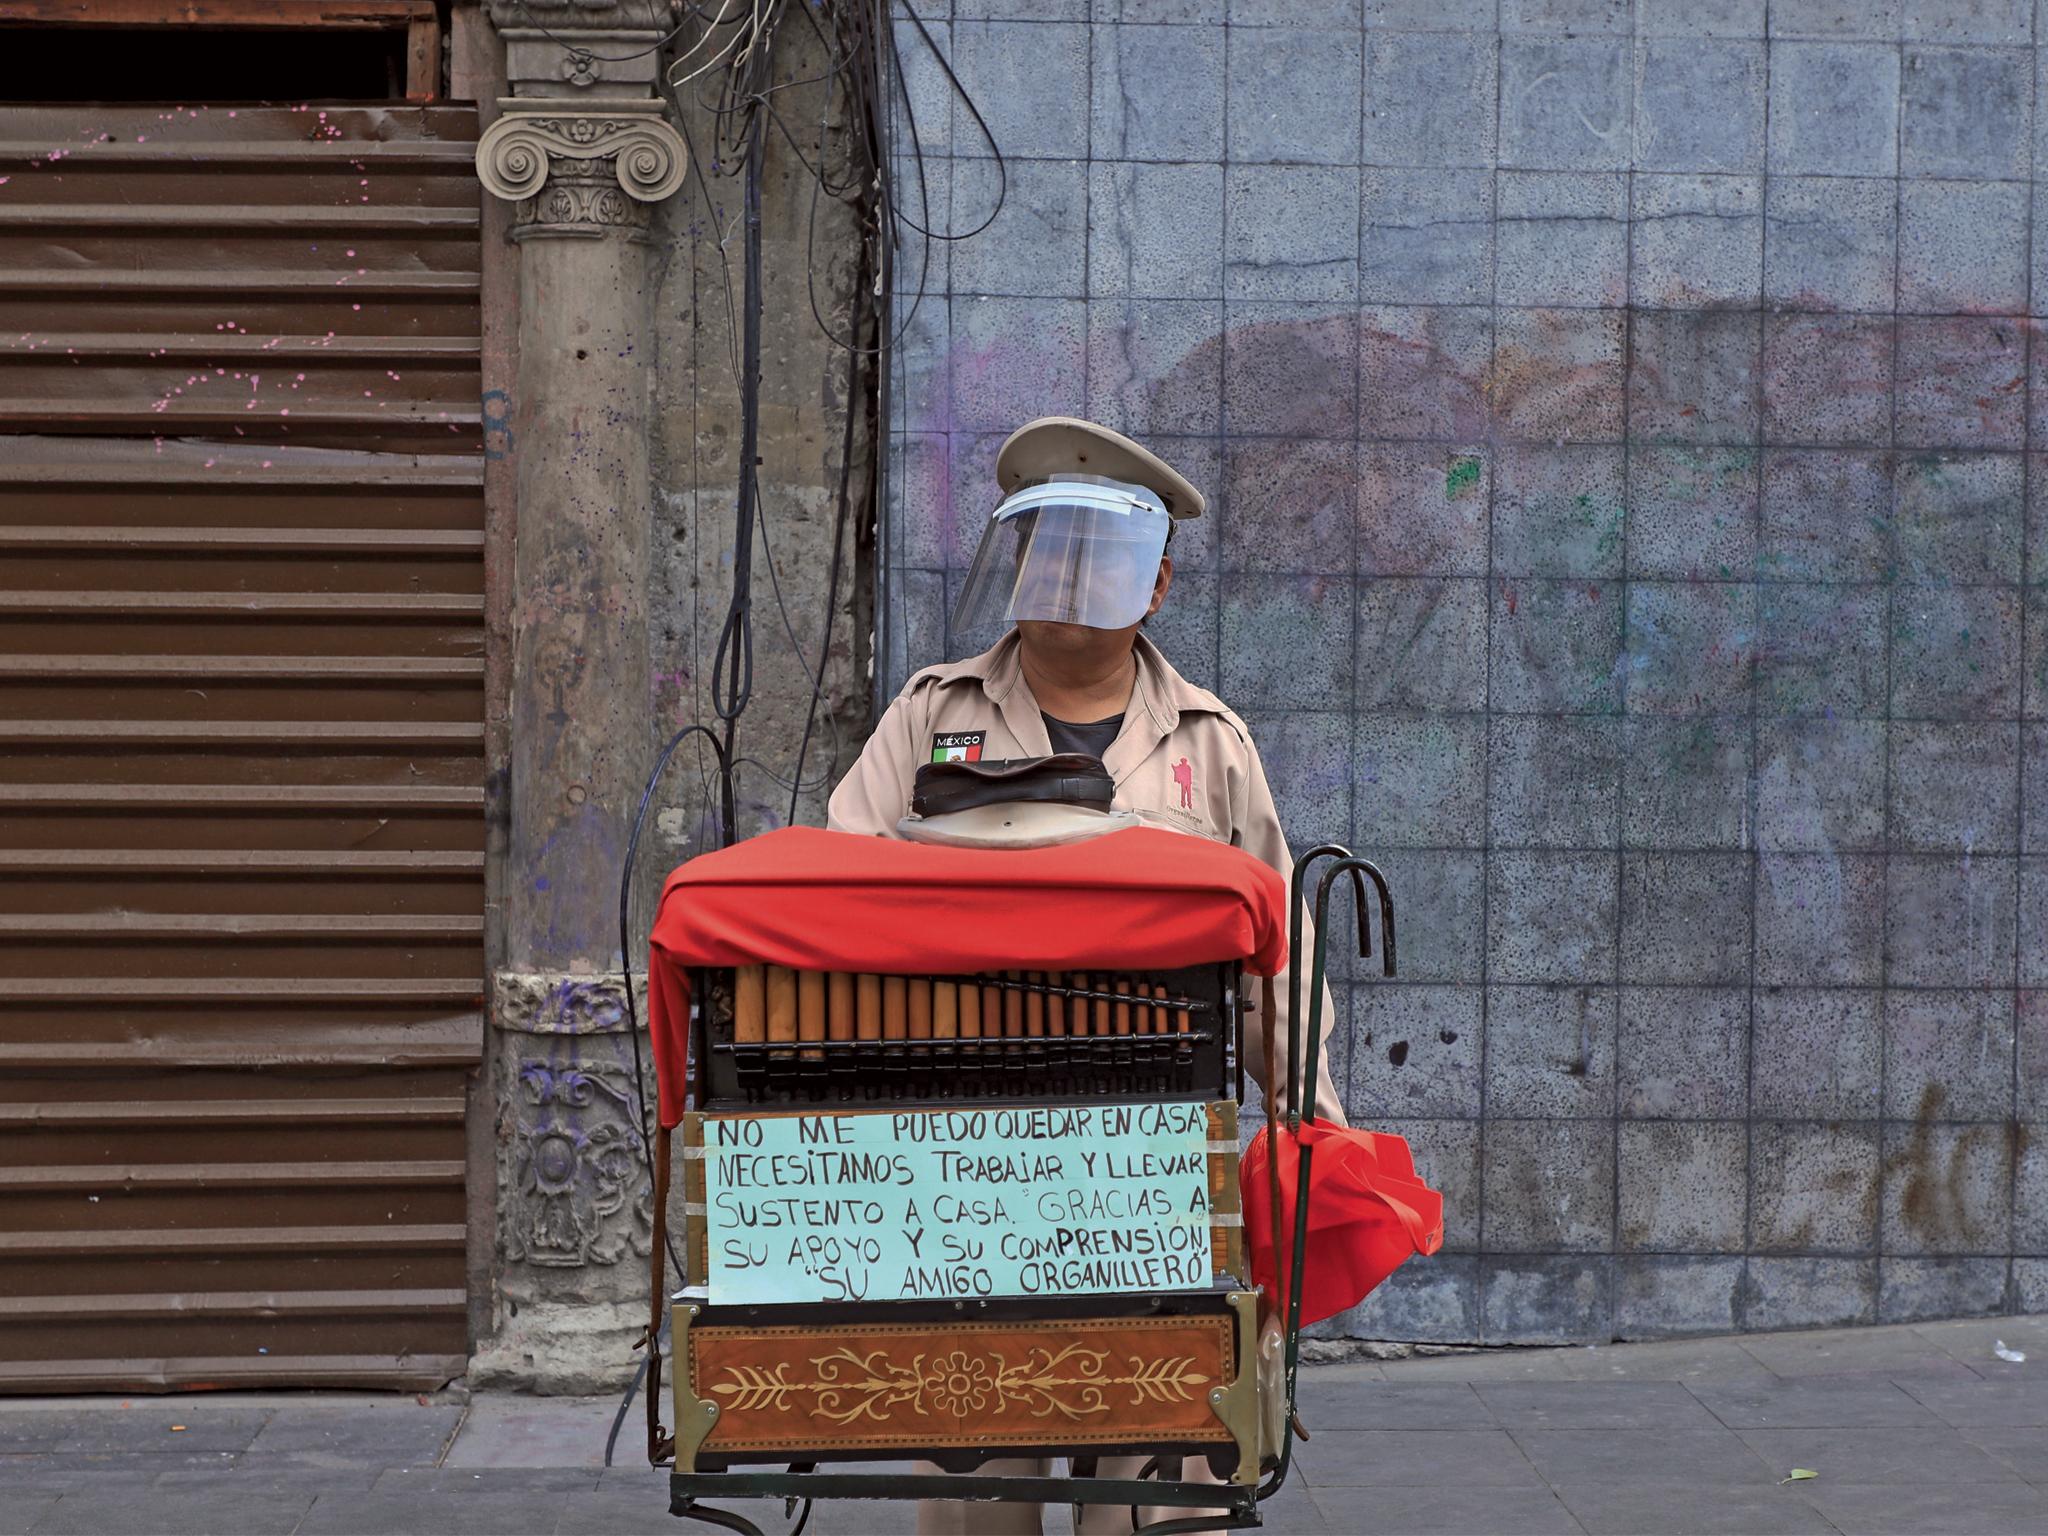 Retrato de un organillero en una calle de la CDMX